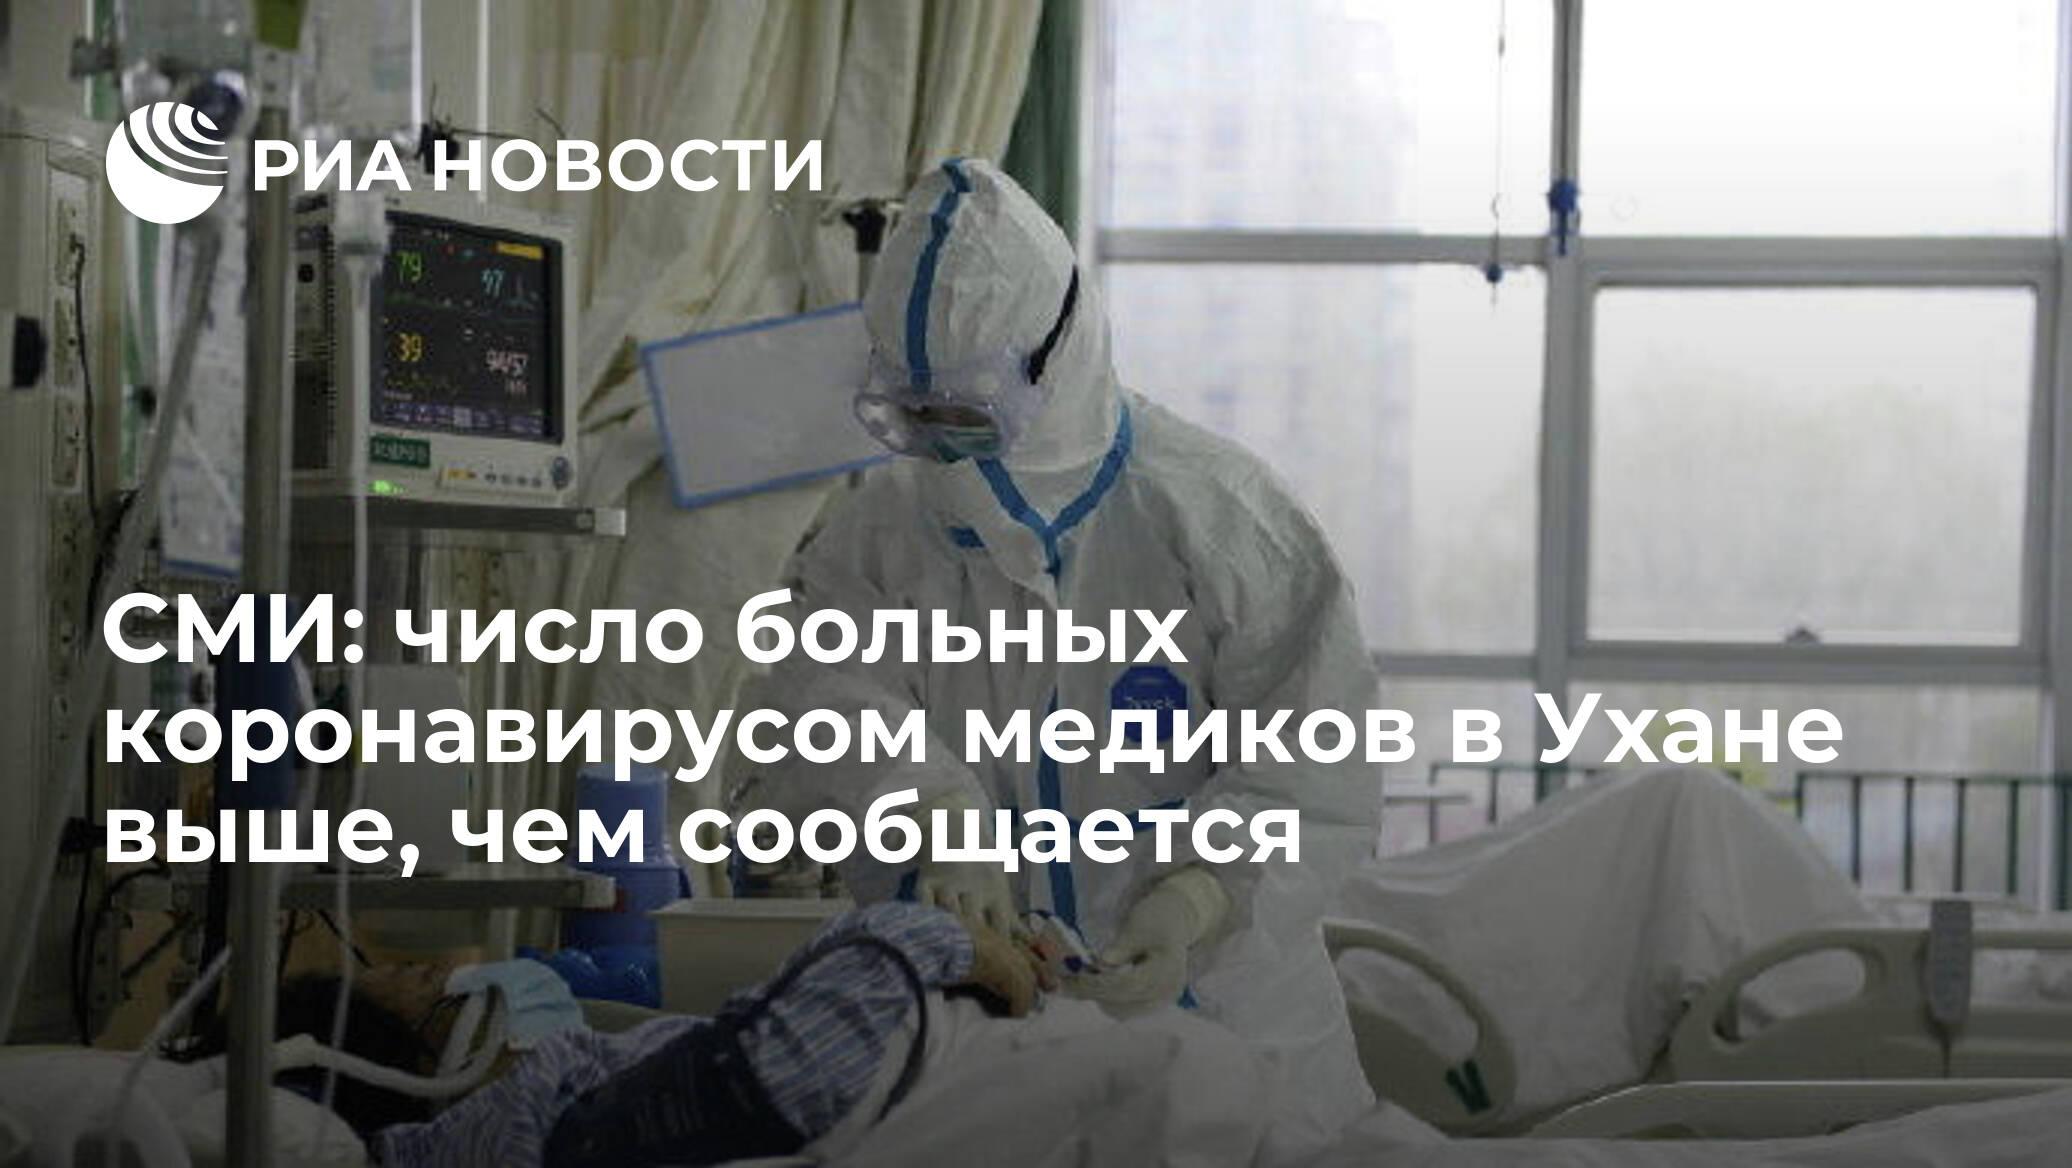 СМИ: число больных коронавирусом медиков в Ухане выше, чем сообщается